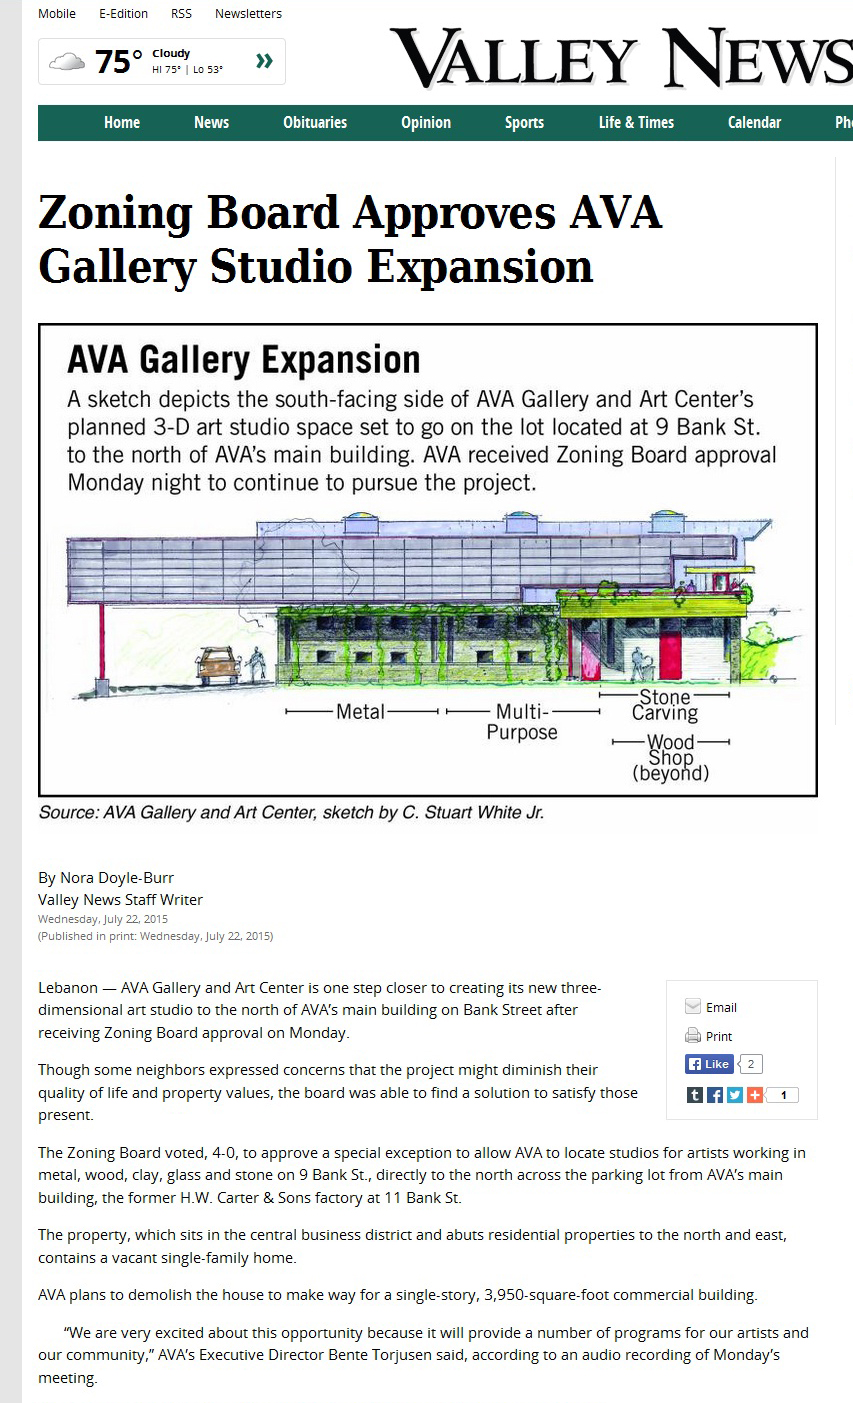 Valley News AVA Zoning Board